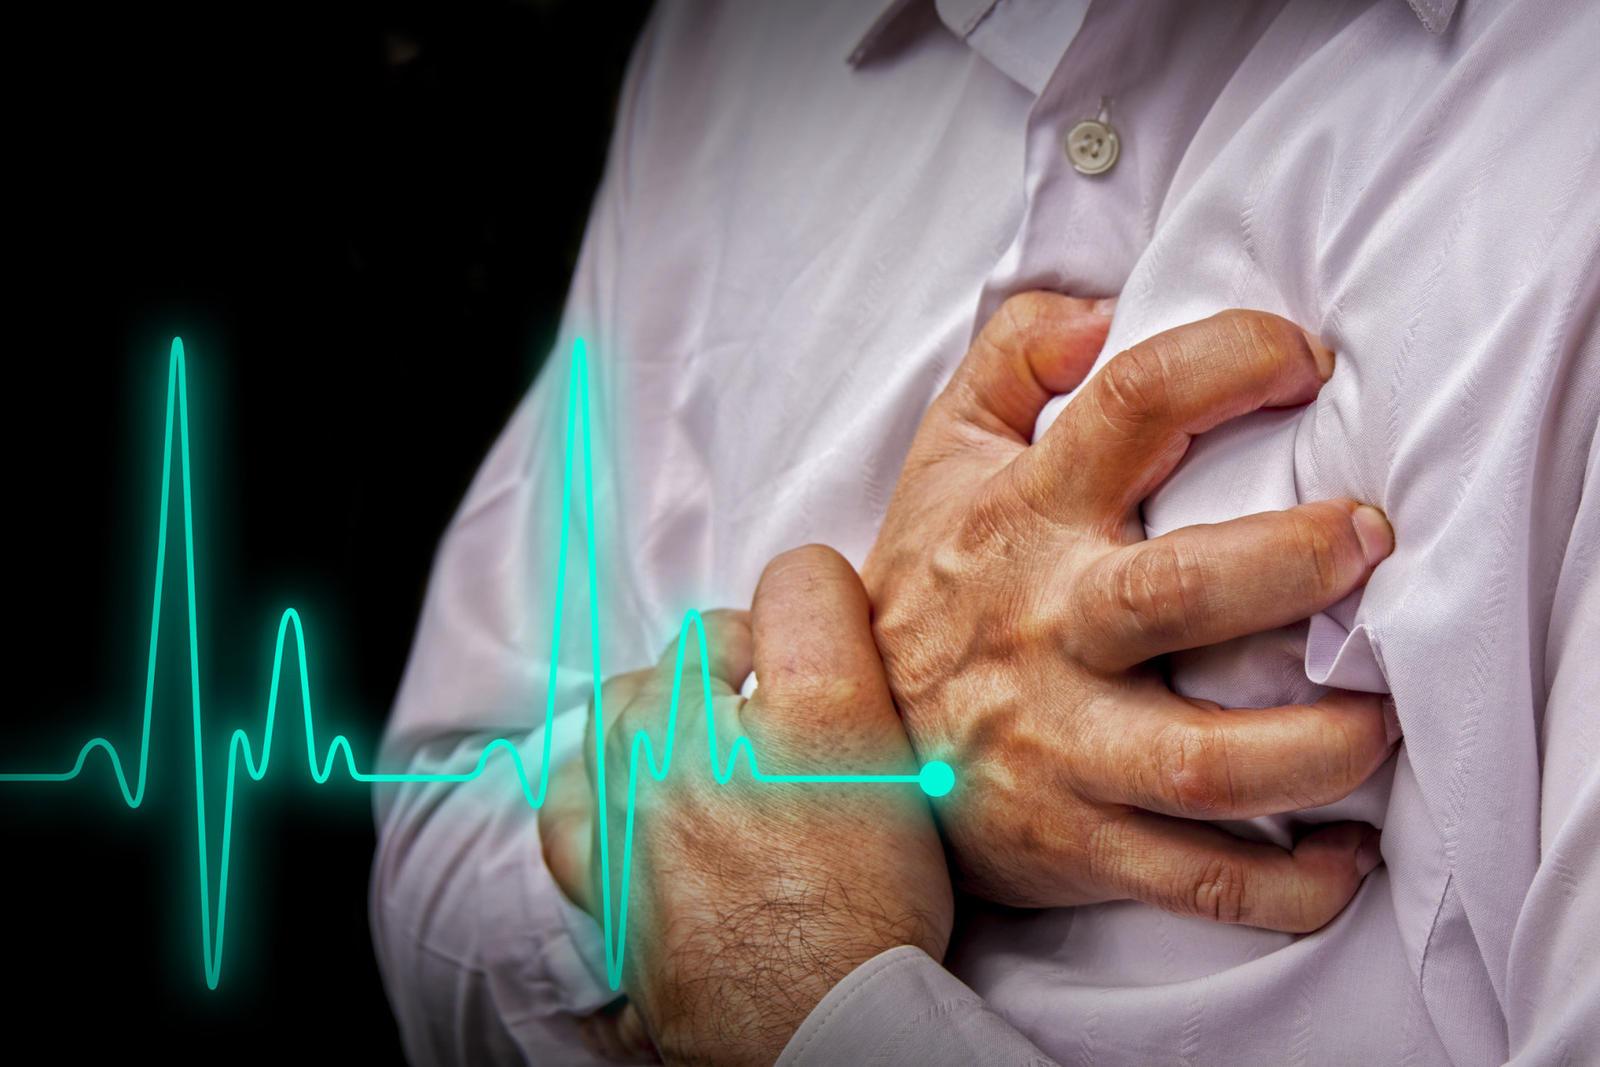 savijauta su 1 laipsnio hipertenzija